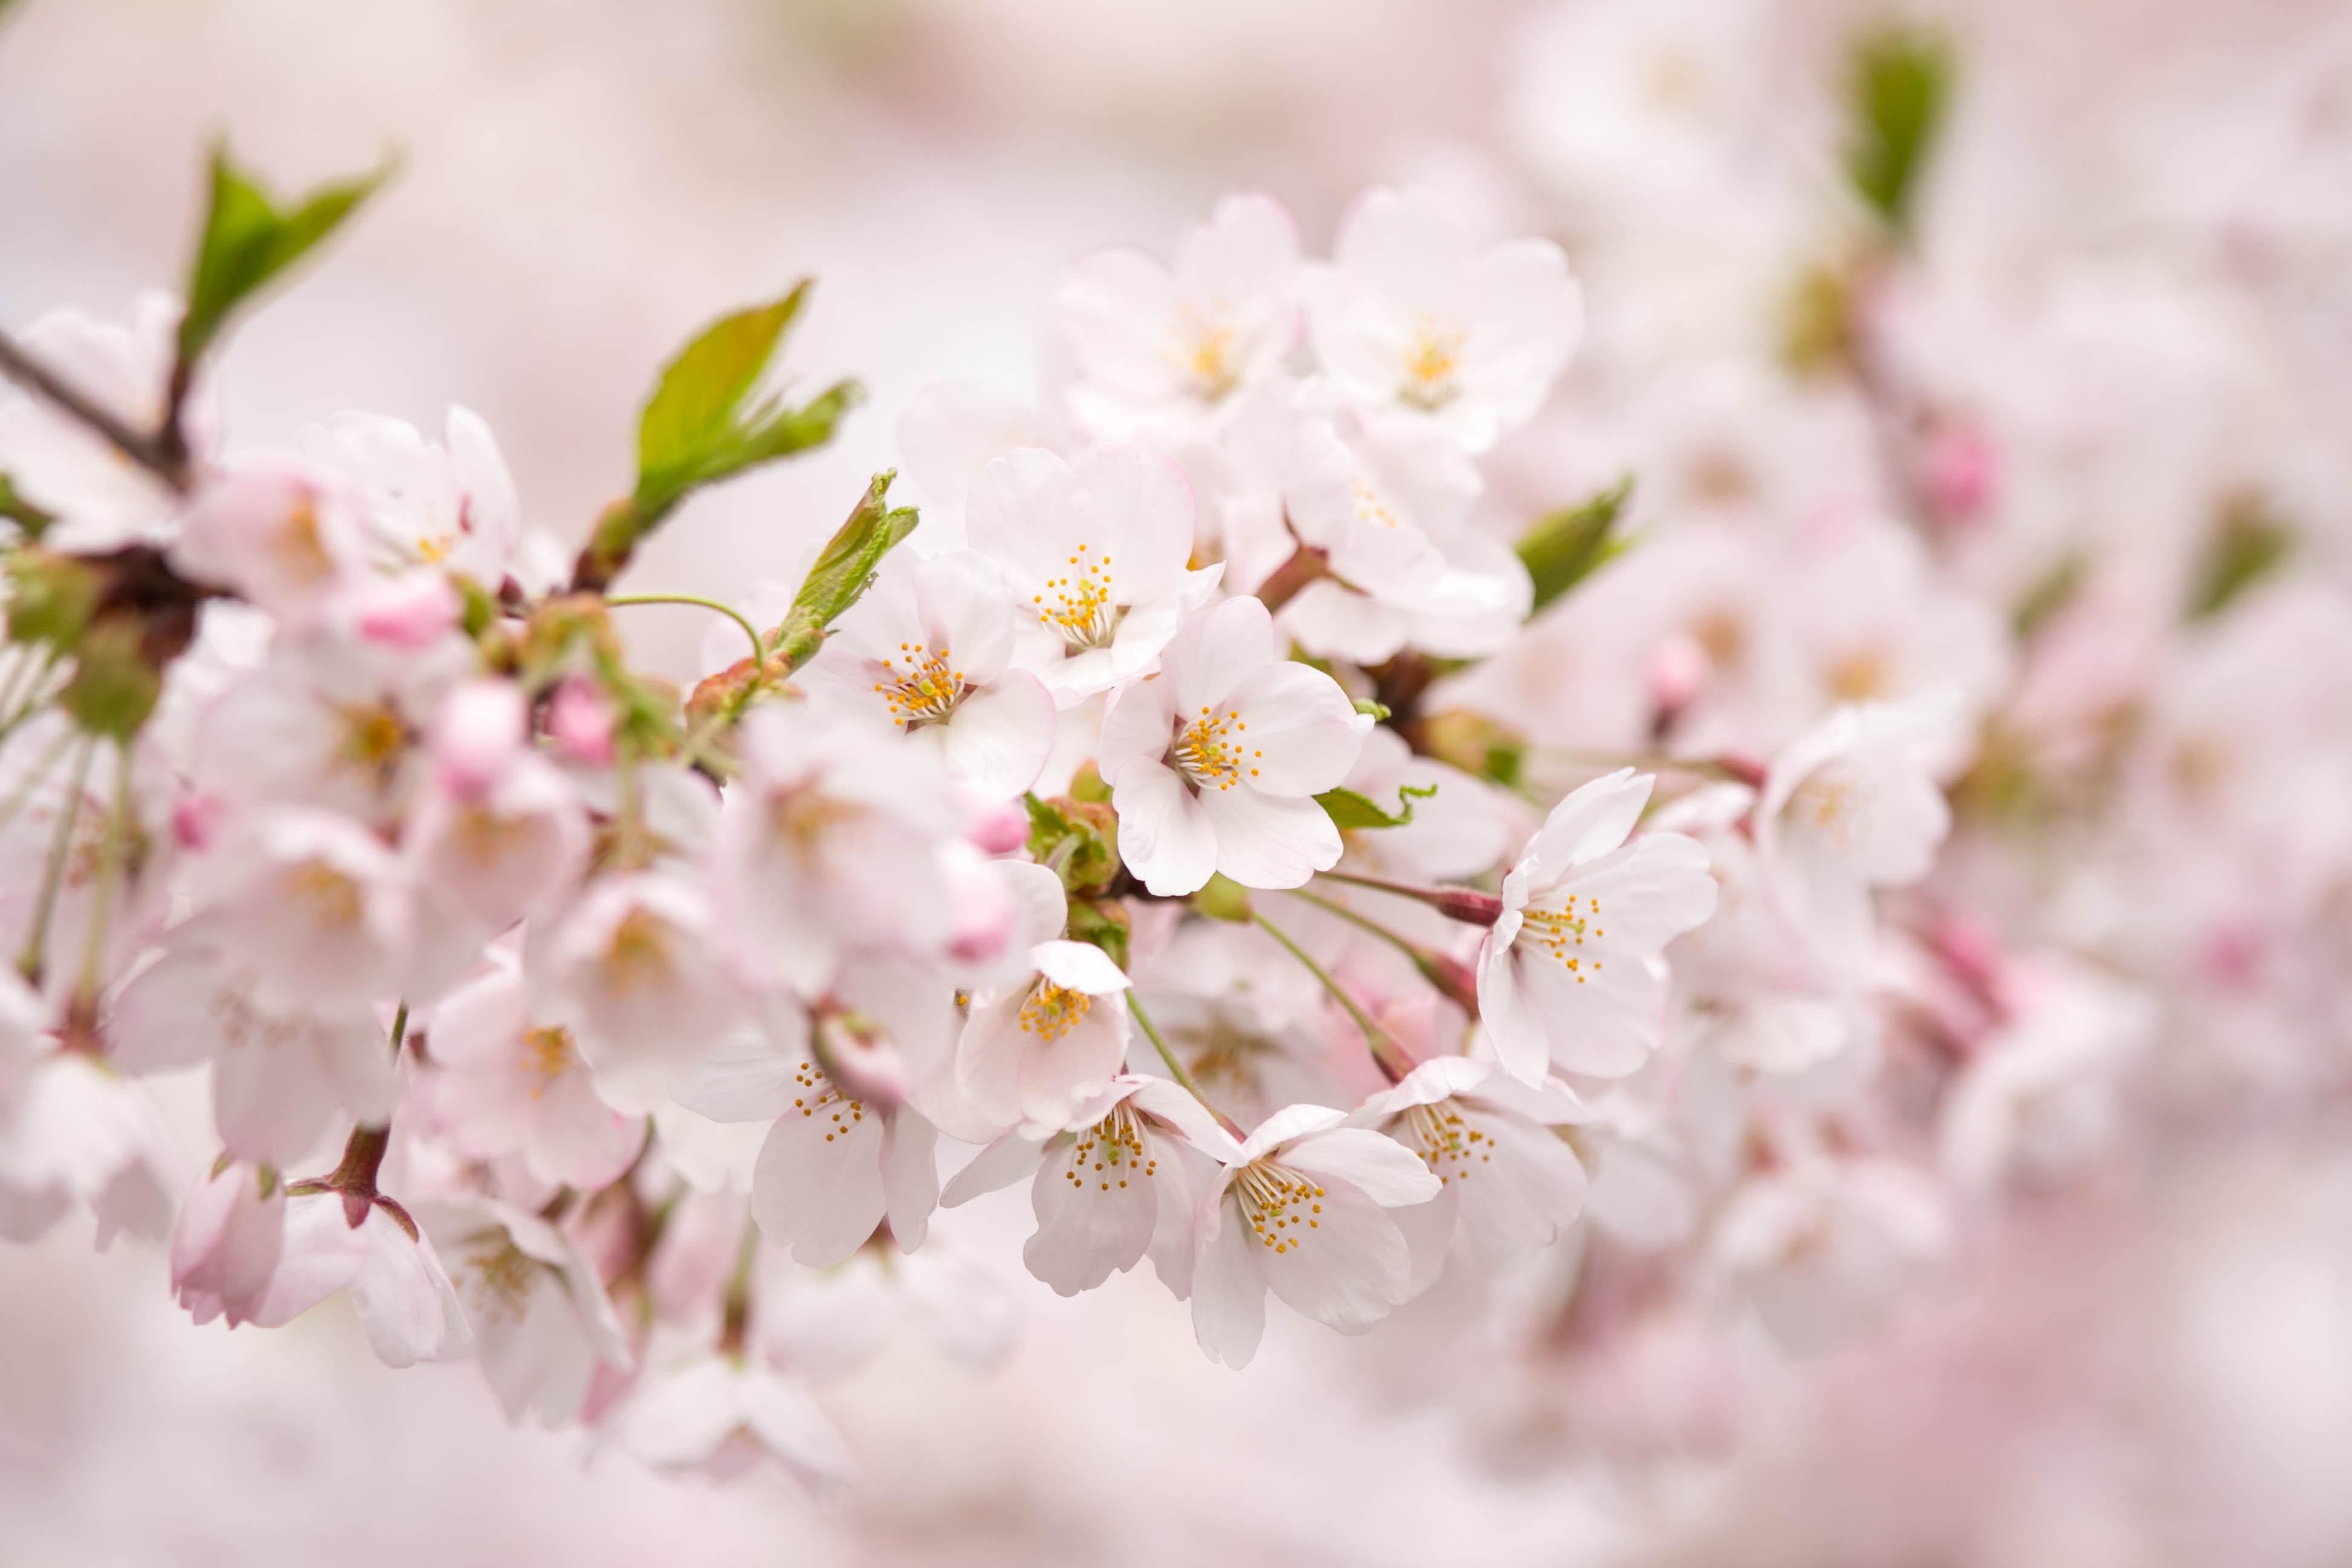 нежные цветочки на ветке  № 1333890 загрузить